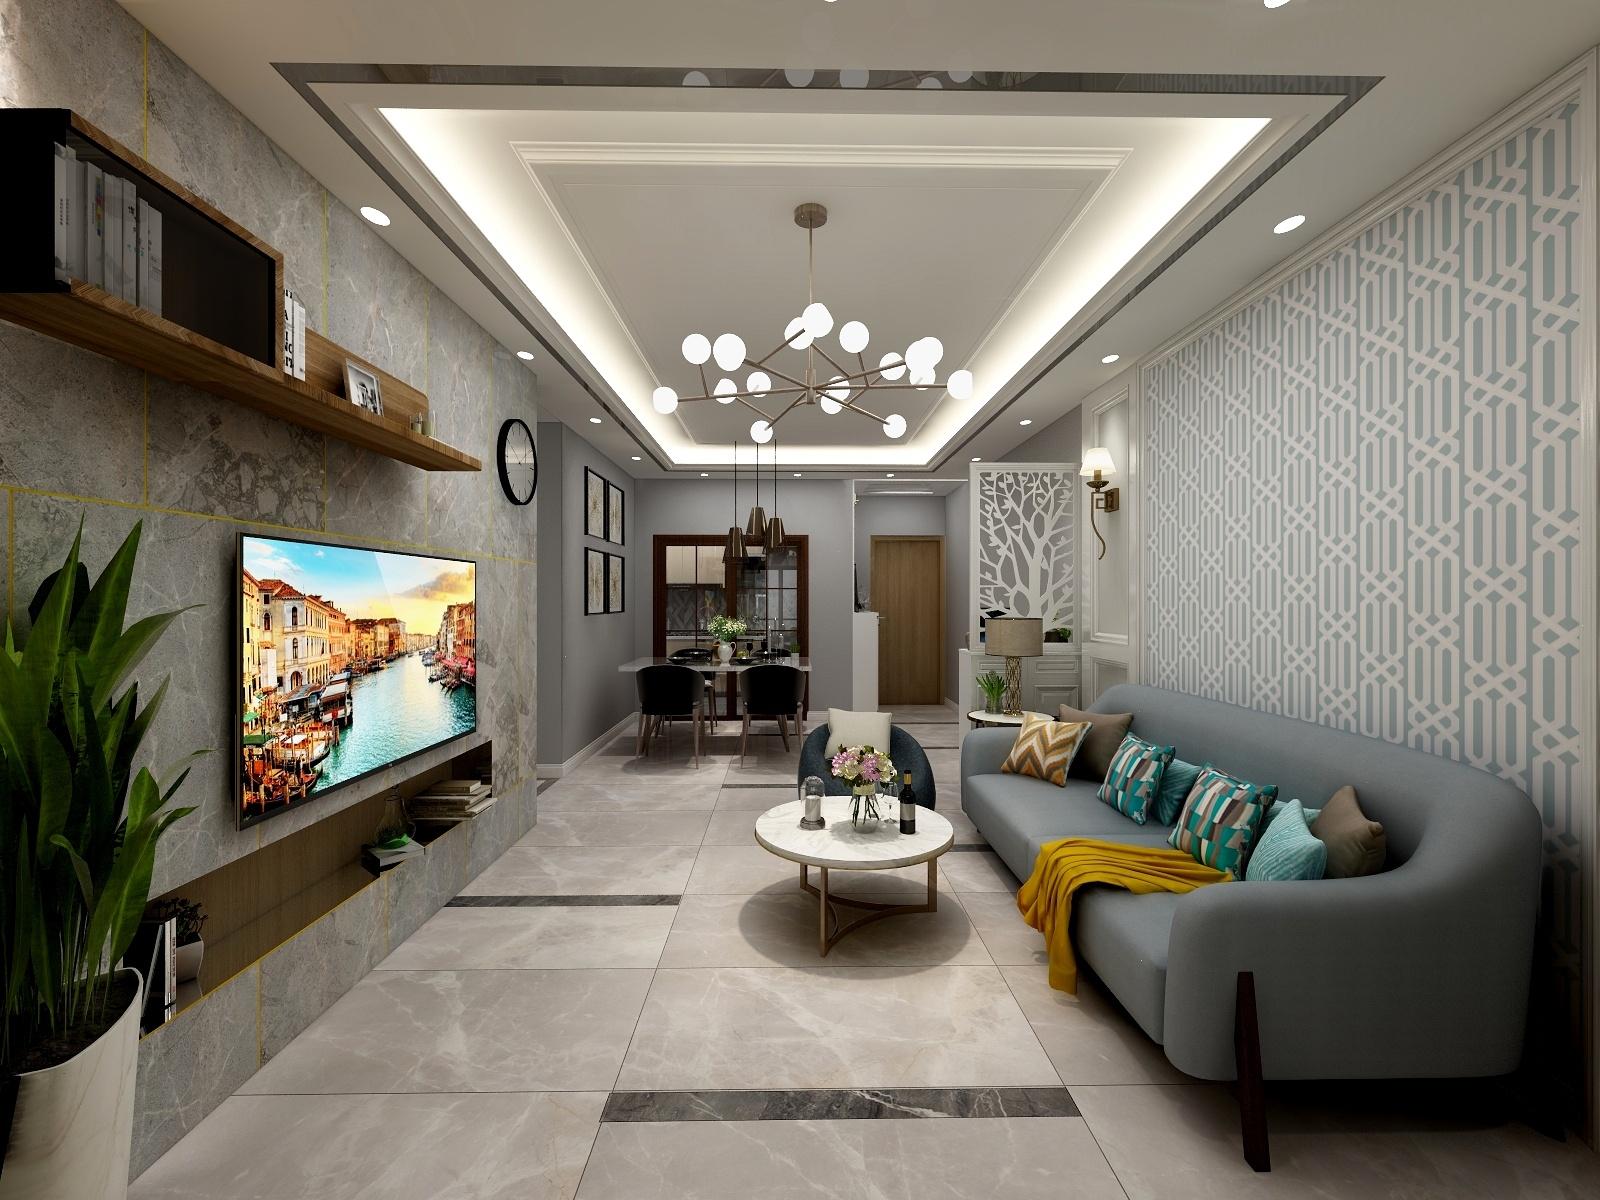 现代简约客厅12007-设计师:周朱柳